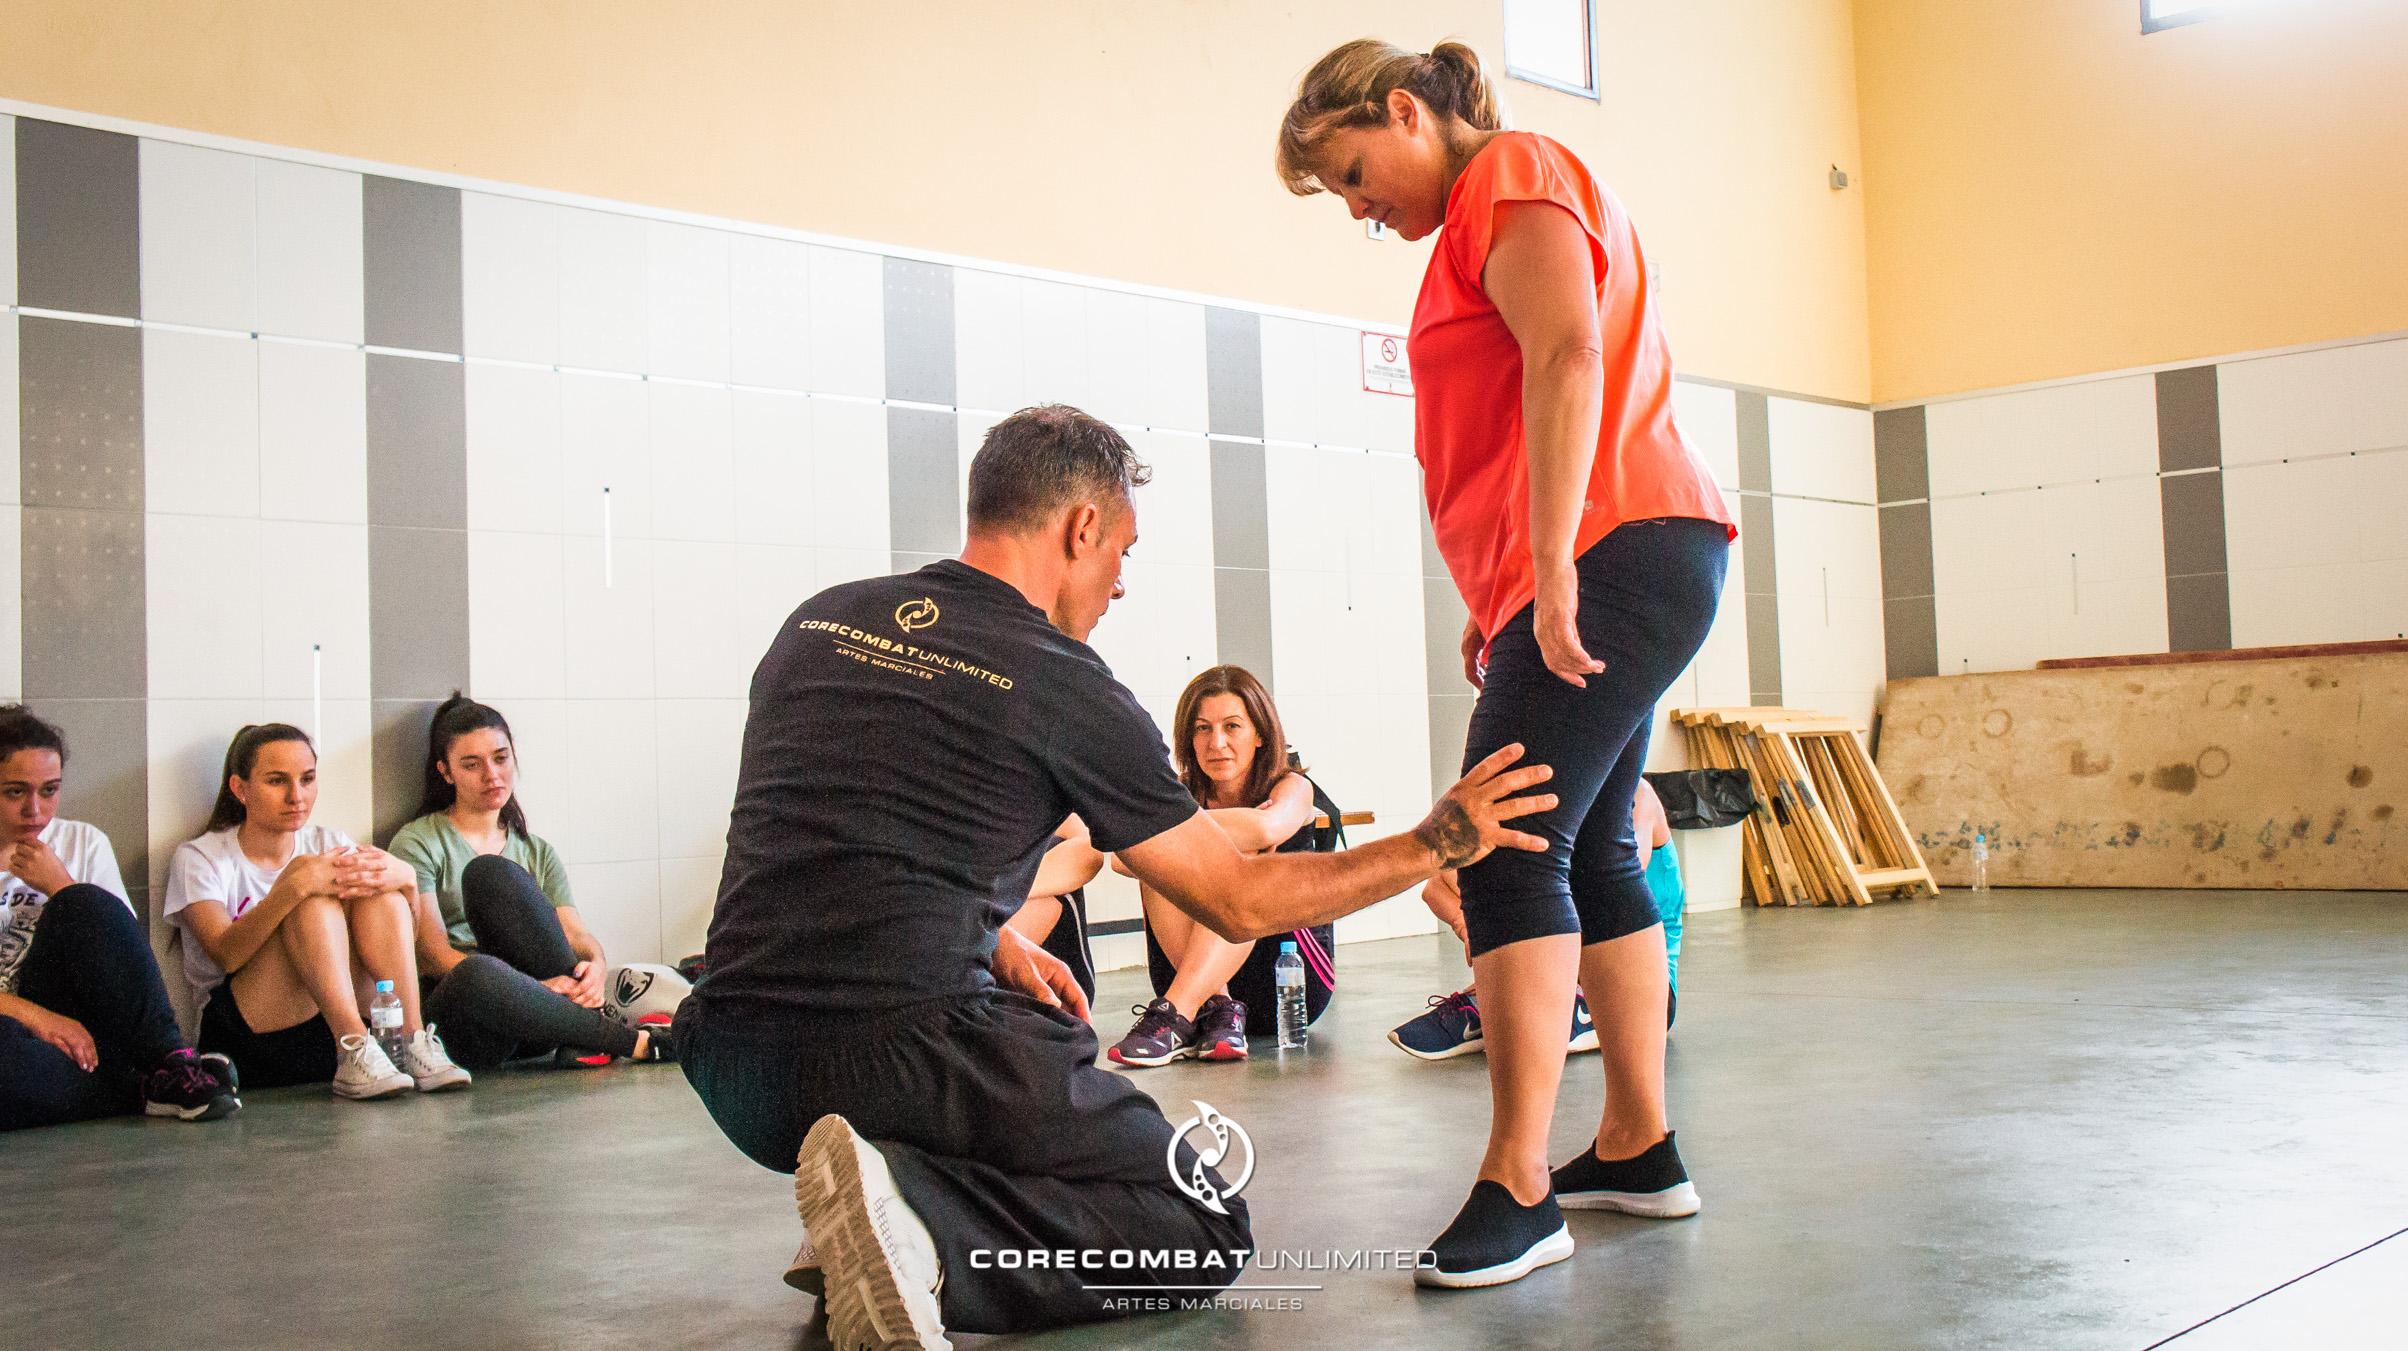 curso-defensa-personal-para-mujeres-zamora-coreses-artes-marciales-zamora-core-combat-salamanca-valladolid-leon-madrid-41